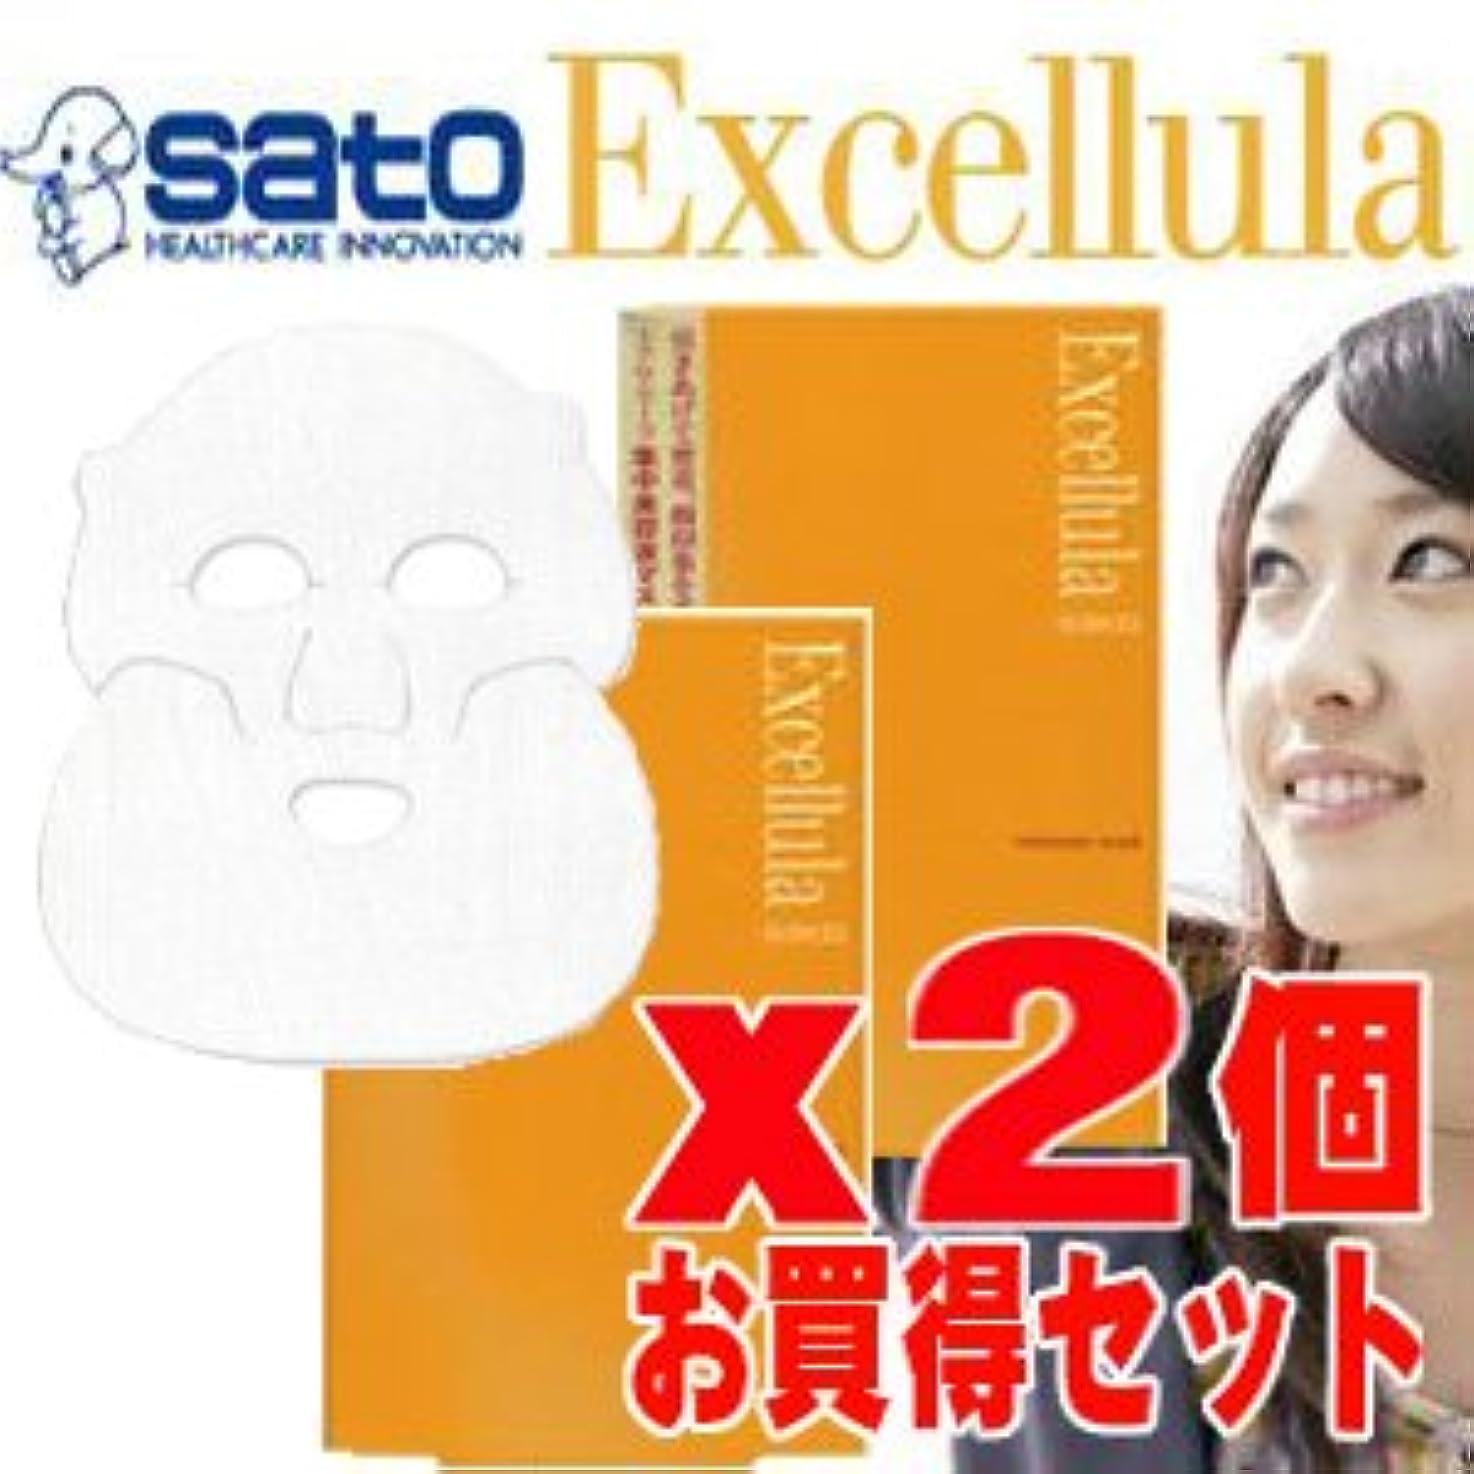 トーク弾性スポンサー★お買得2個★ エクセルーラ モイスチュアマスク (シート状美容液マスク) 26mL×4枚(4回分) x2個セット